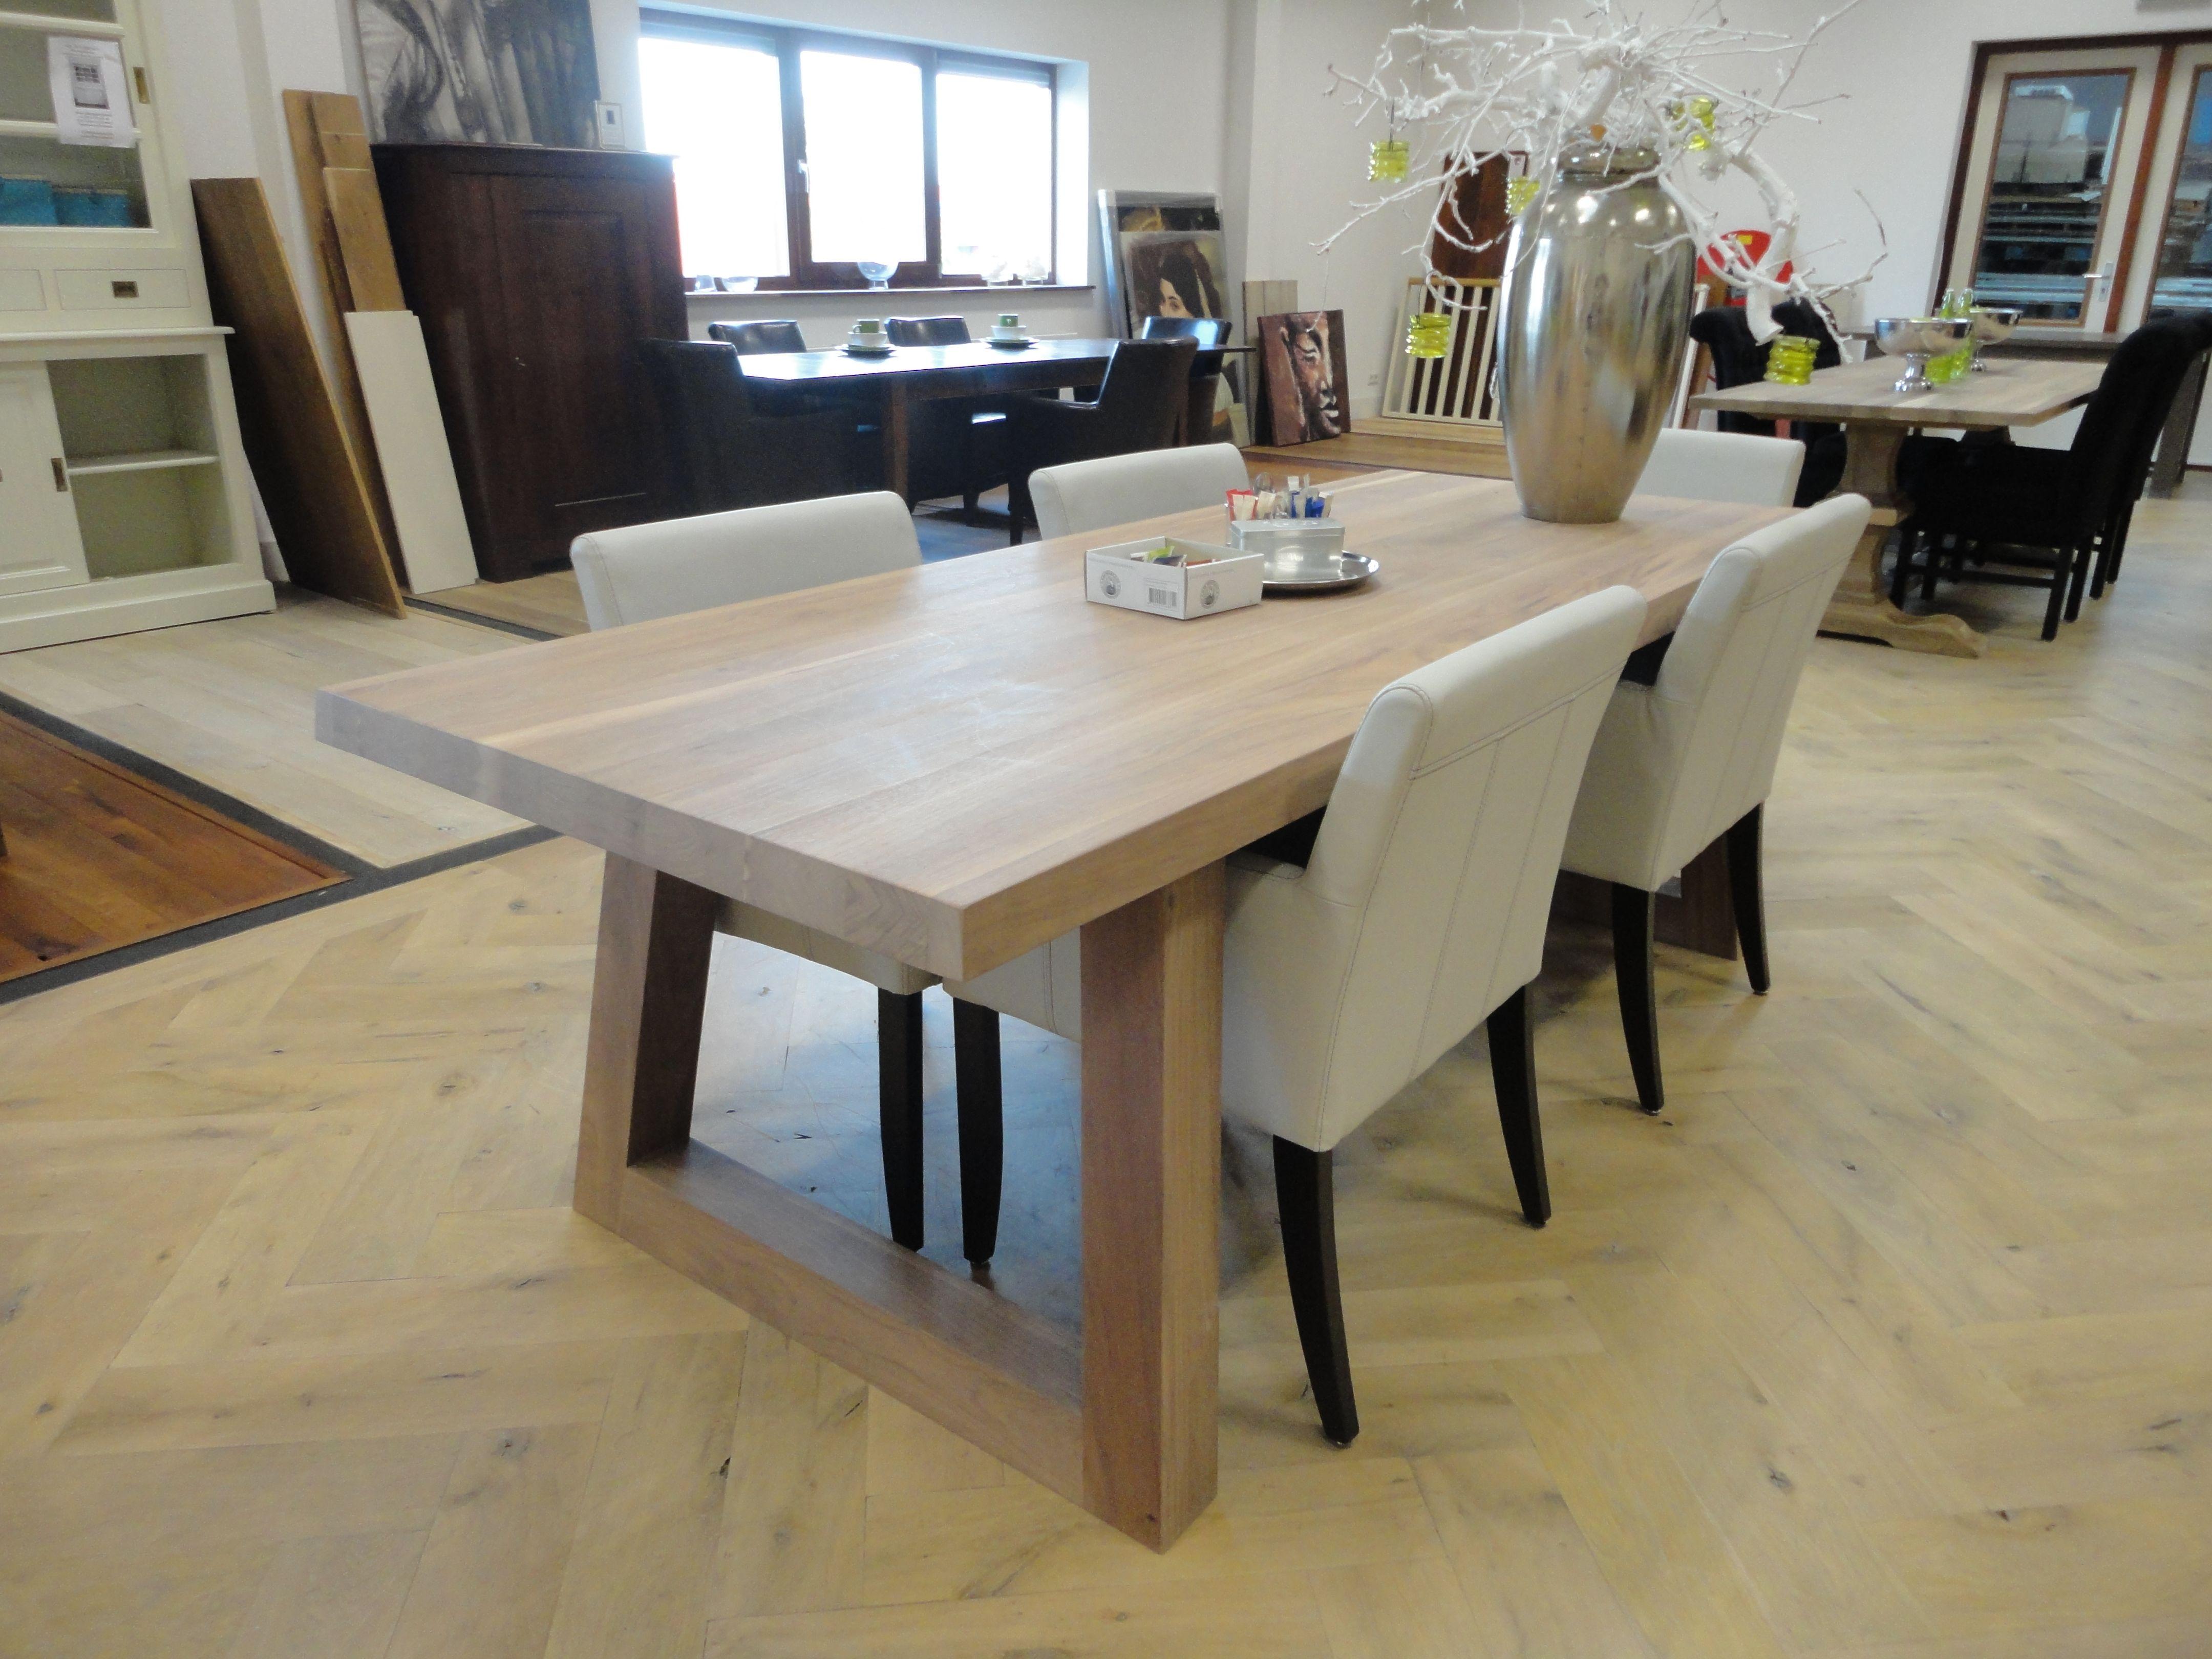 Houten Vloer Visgraat : Eettafel eiken vloer oplevering eiken visgraat vloer eiken tafel